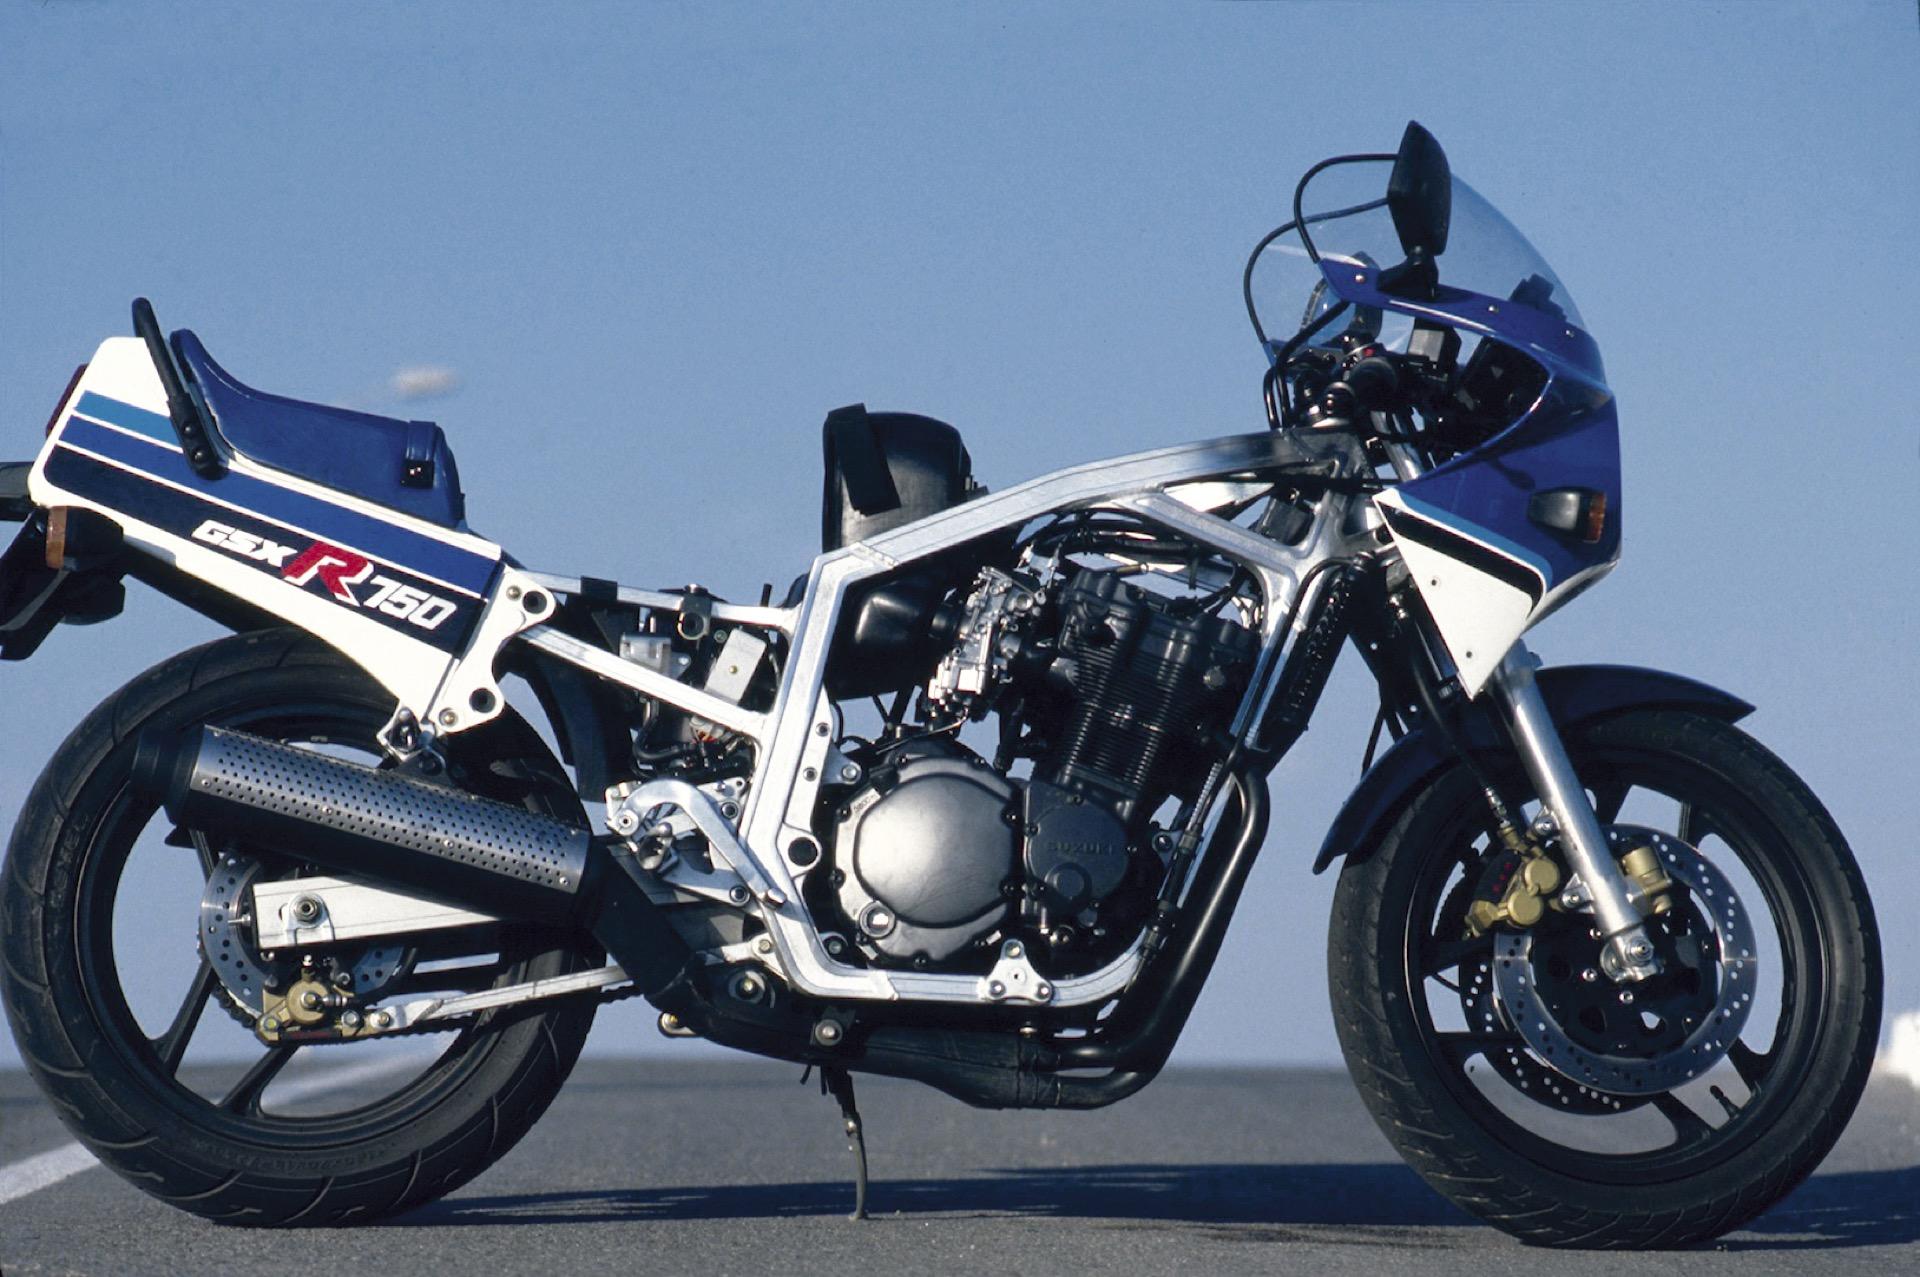 Retroprueba revista Motociclismo: Suzuki GSX 750 R 1985 Paragrapharticle-63155-57d0534b7625f